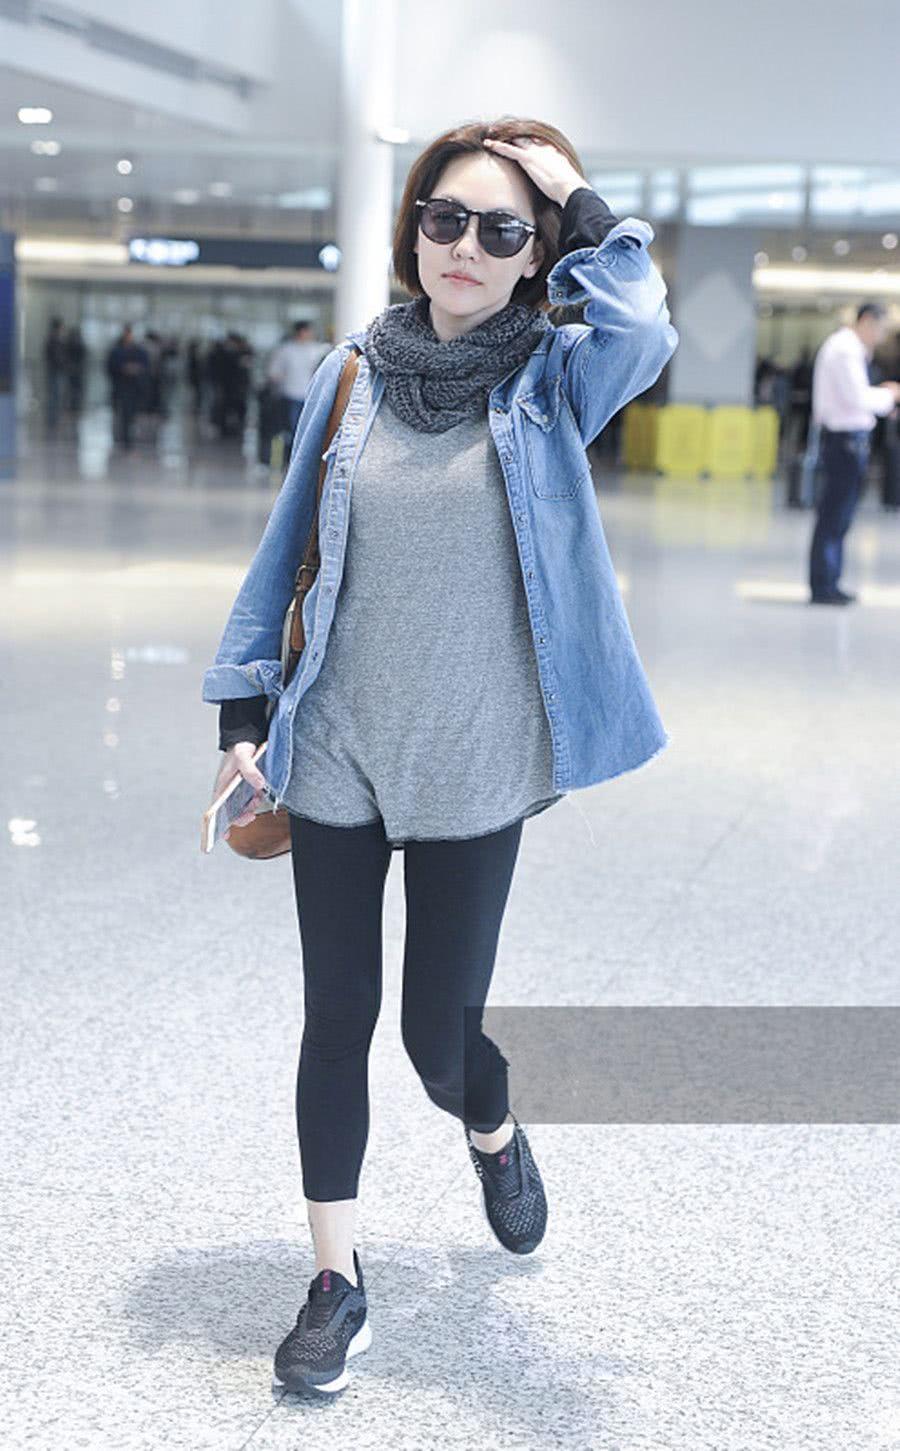 小S穿牛仔外套配黑色运动裤现身 打扮低调随性遛机场星味十足